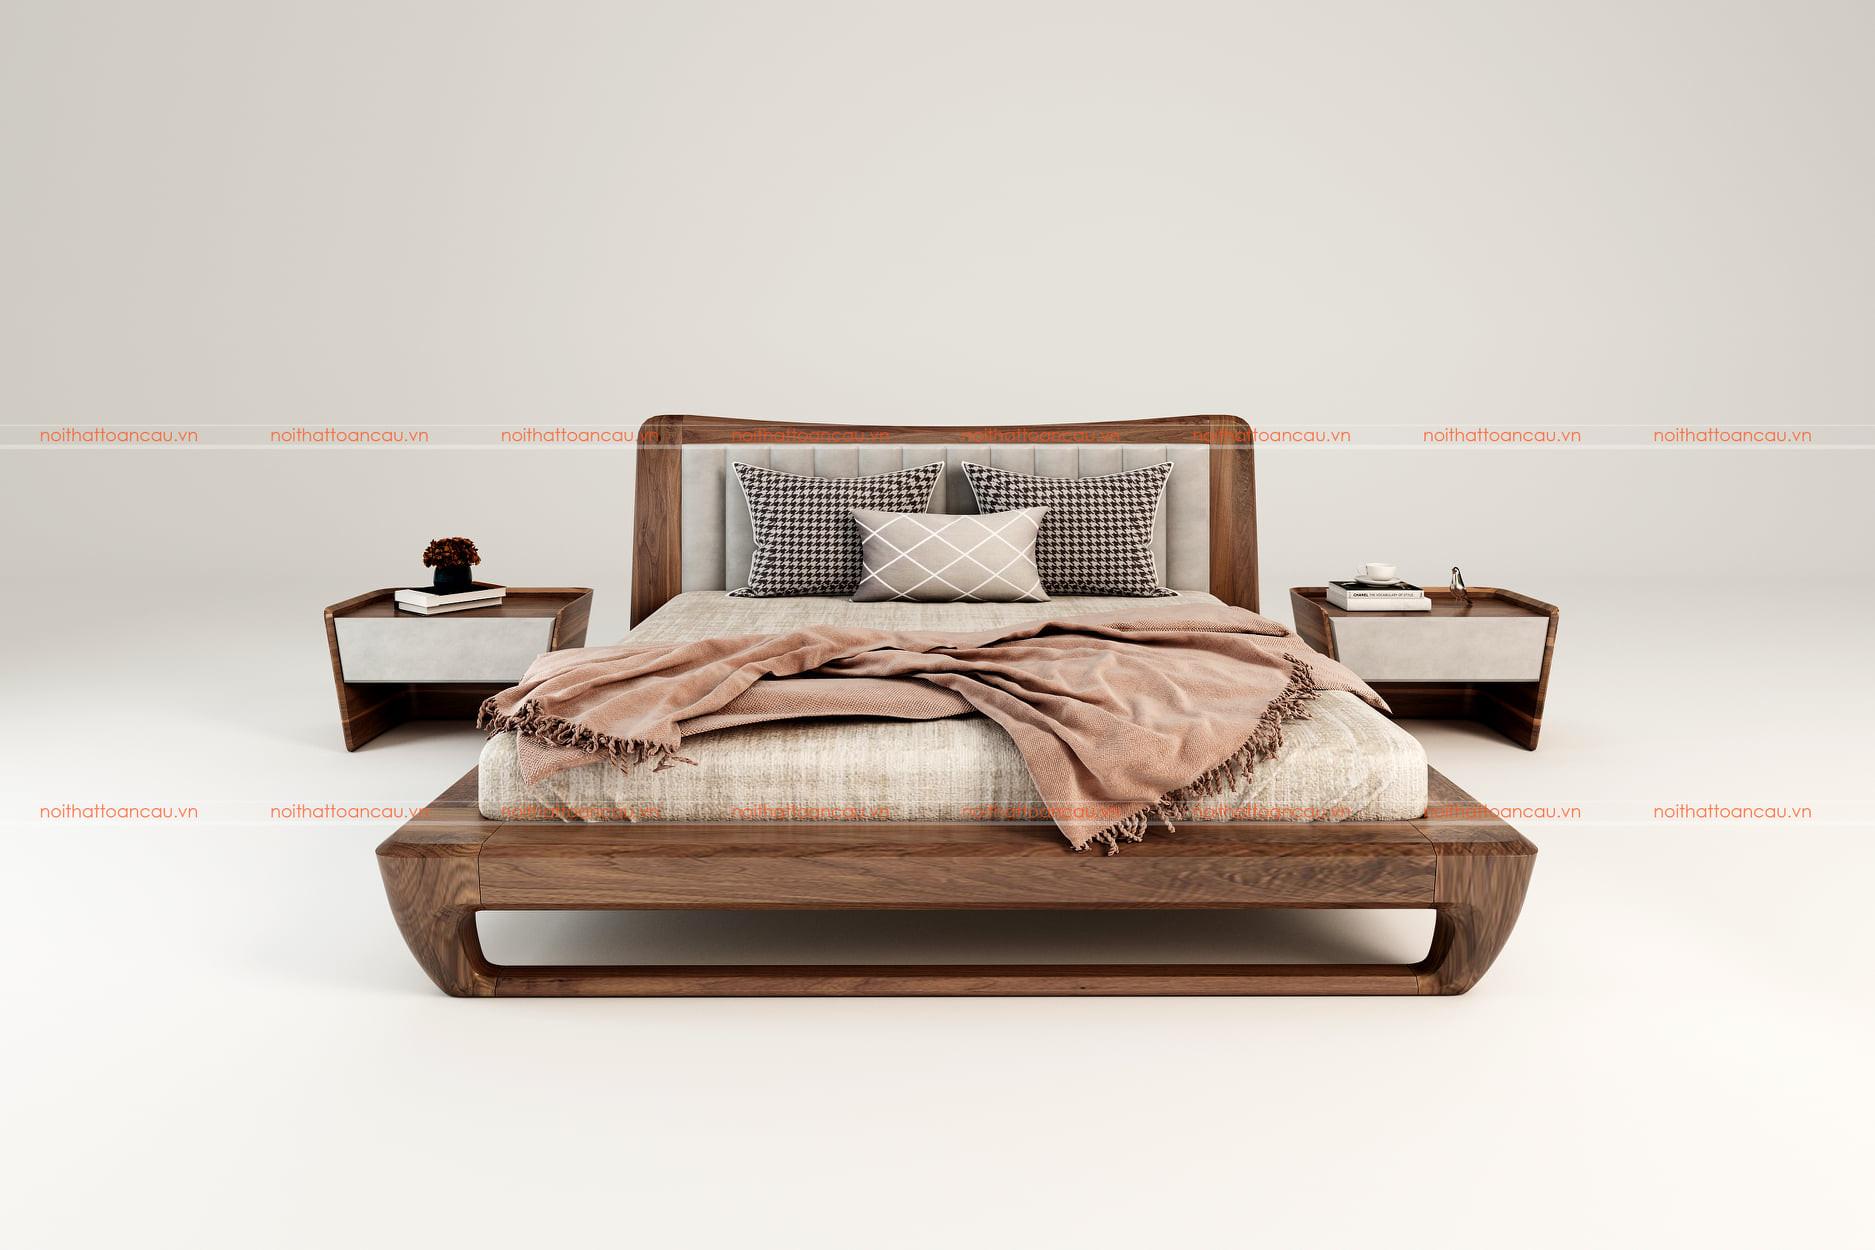 Giường ngủ gỗ óc chó tự nhiên 159